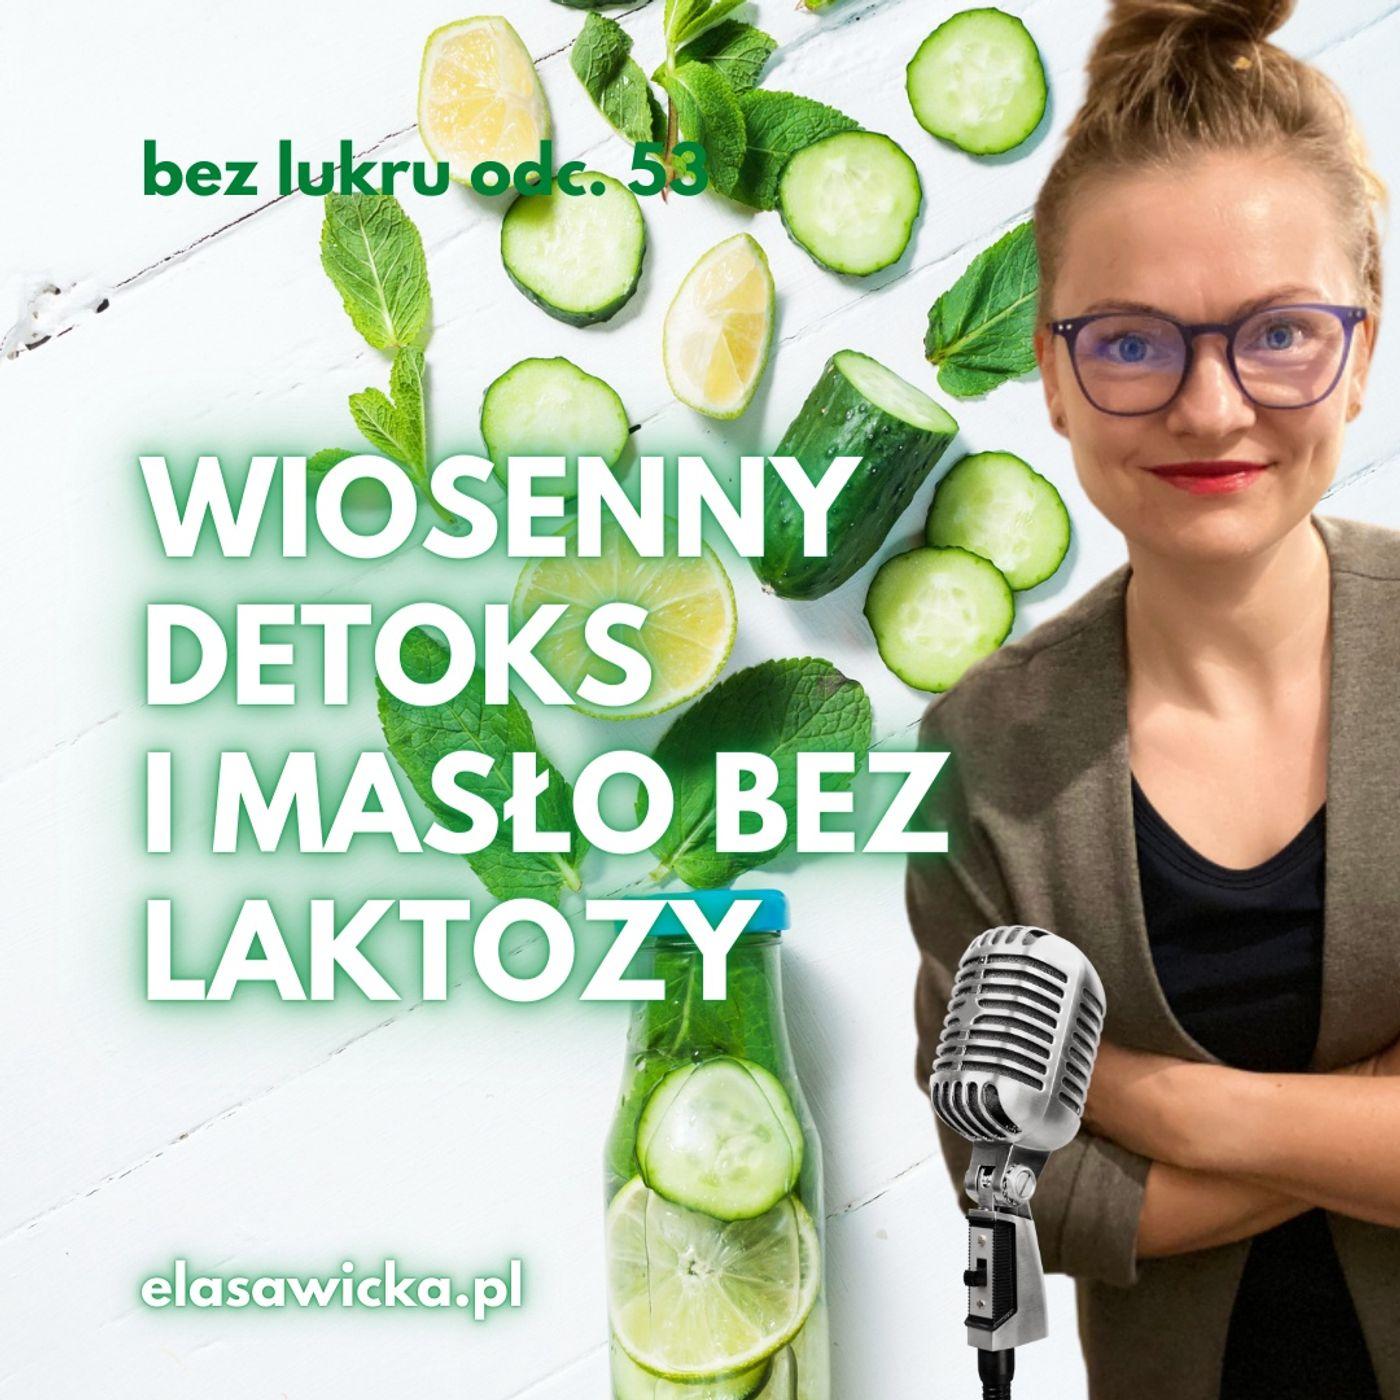 53# Wiosenny detoks, zielona herbata na odchudzanie i masło bez laktozy